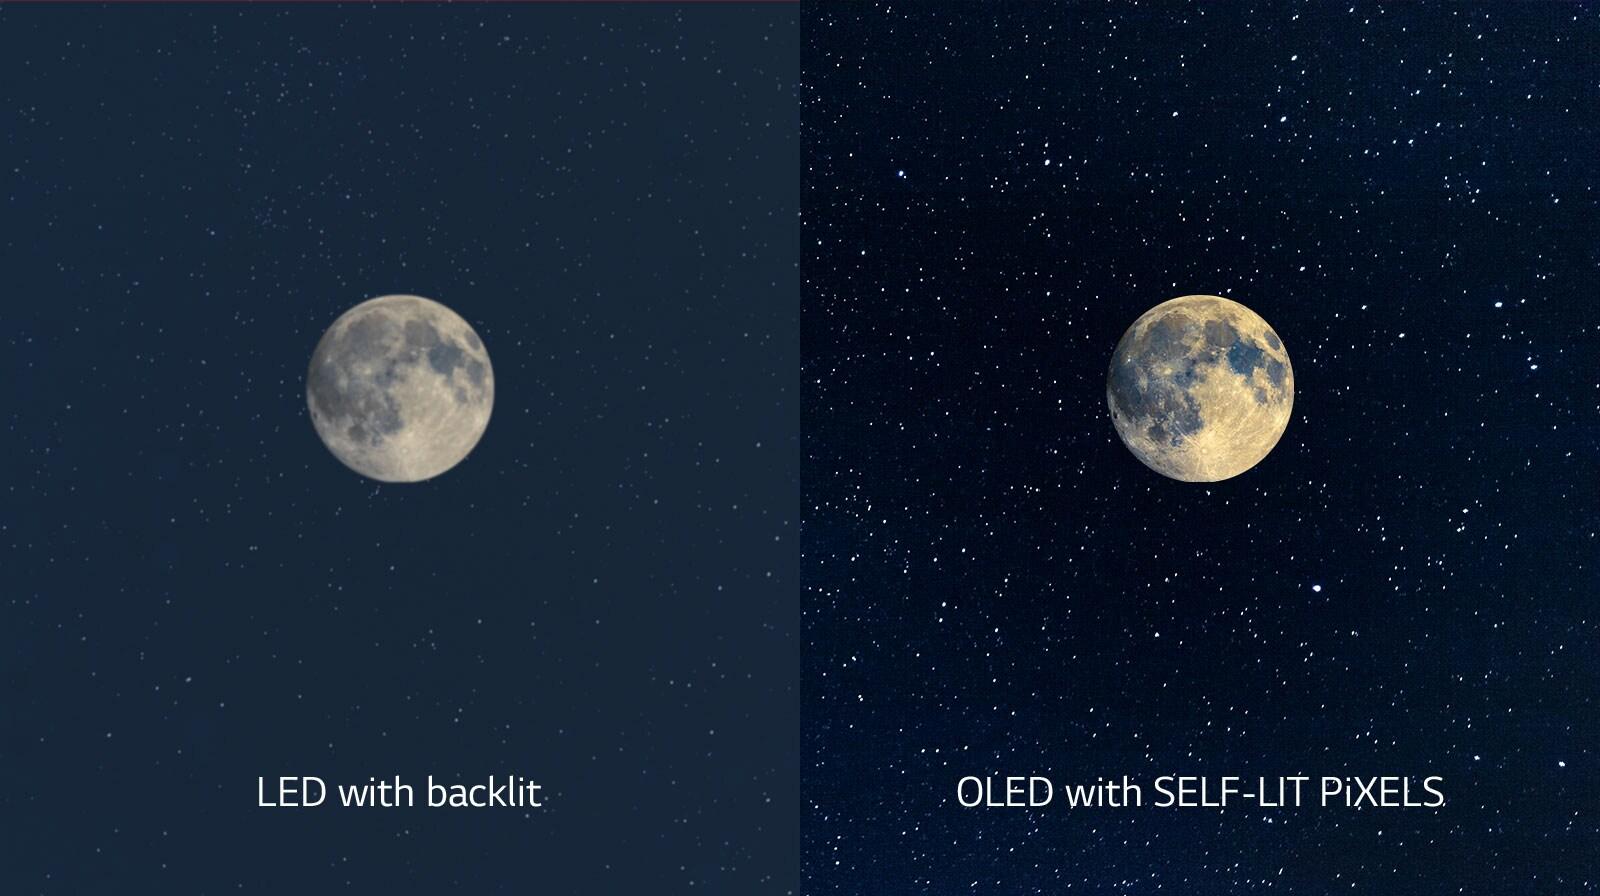 Eine Darstellung des Mondes, ein LED befindet sich auf der linken Seite und zeigt unzureichendes Schwarz an, während auf dem OLED auf der rechten Seite tiefstes Schwarz zu sehen ist (Video abspielen)